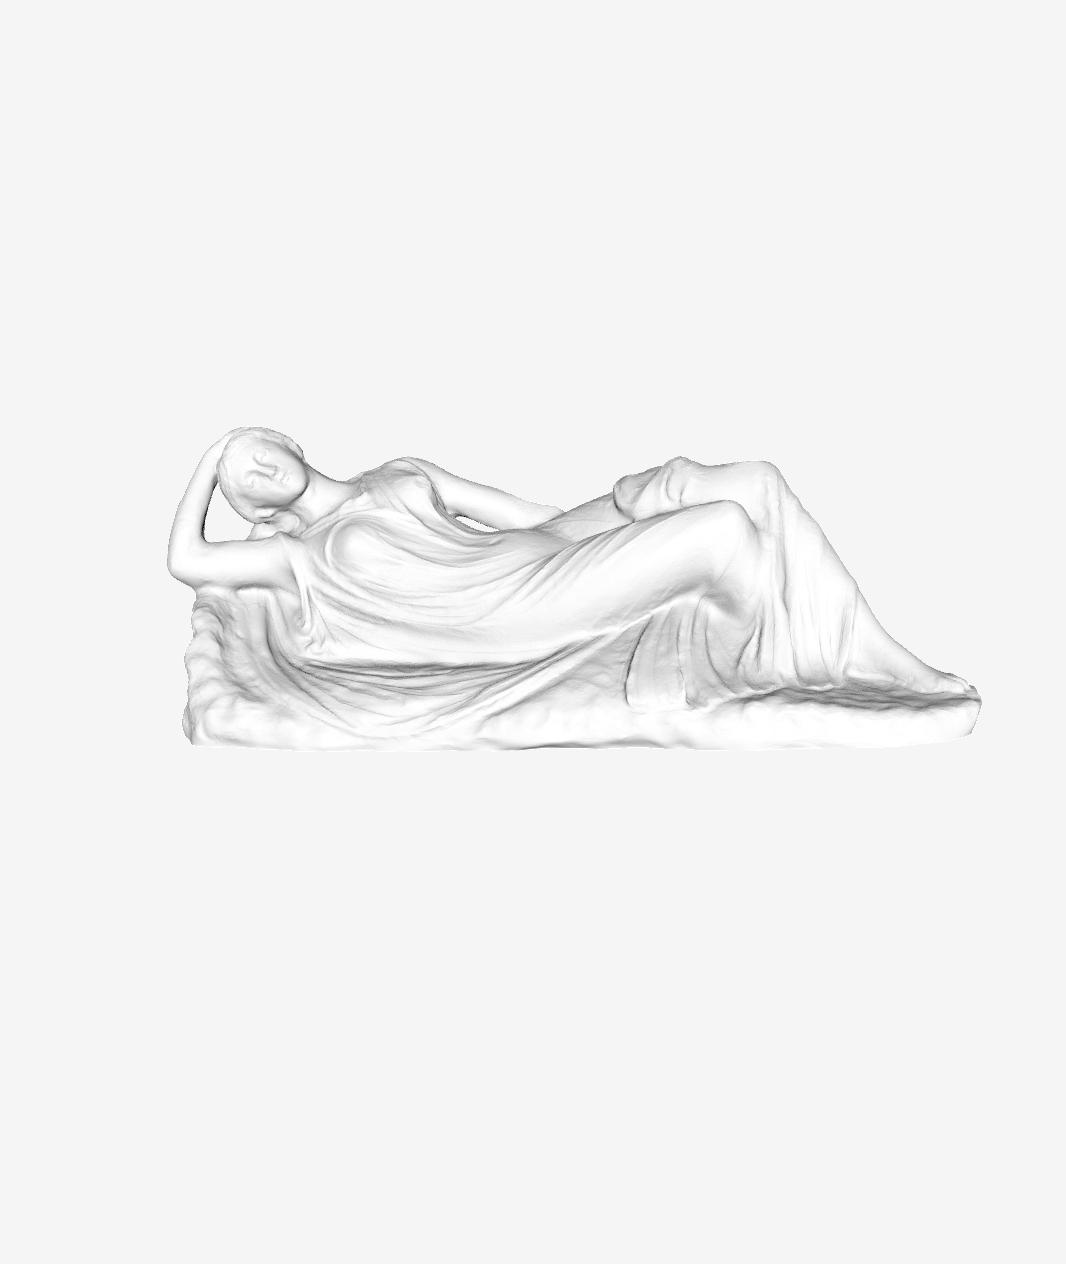 Capture d'écran 2018-09-21 à 18.12.30.png Download free STL file Sleeping Ariane at The Louvre, Paris • Design to 3D print, Louvre